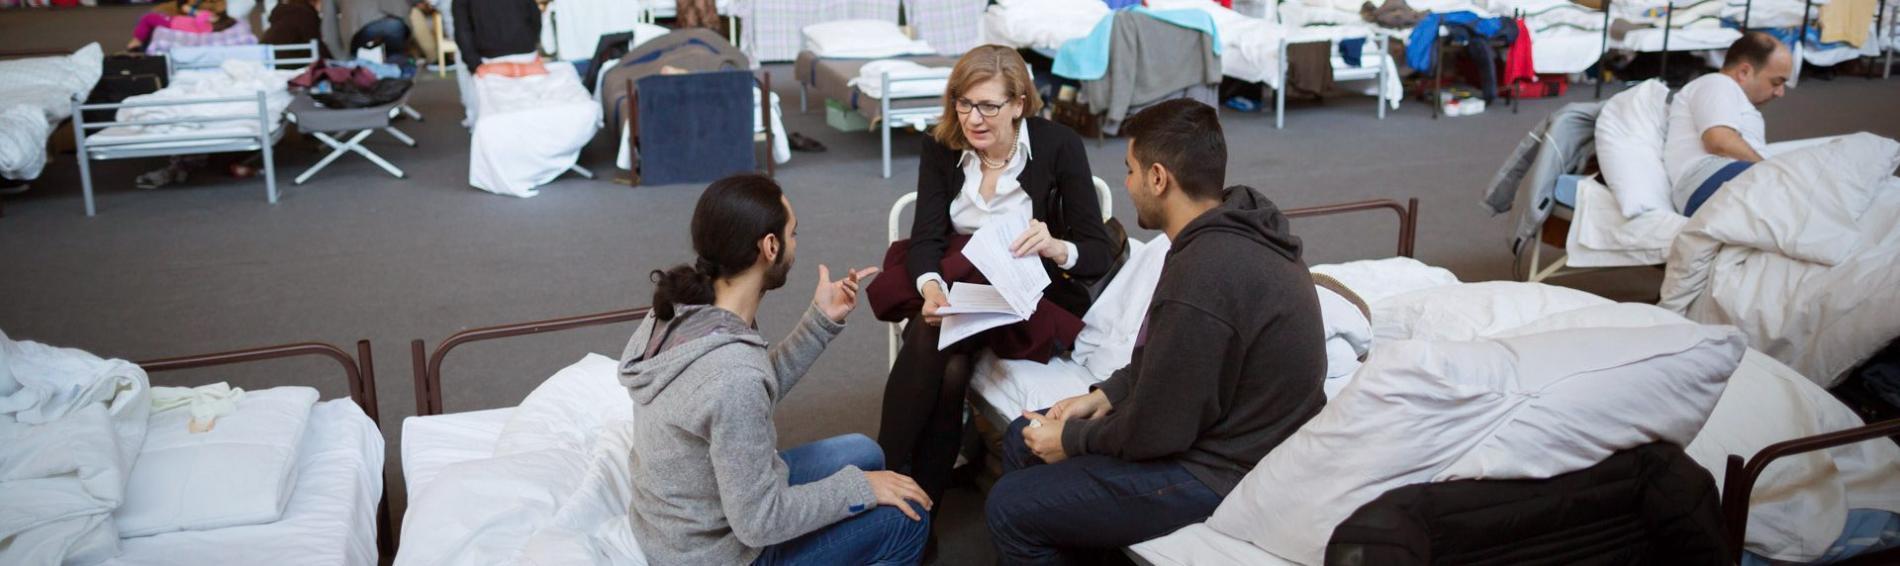 Ehrenamtliche beraten Asylbewerber. Foto: Ärzte der Welt